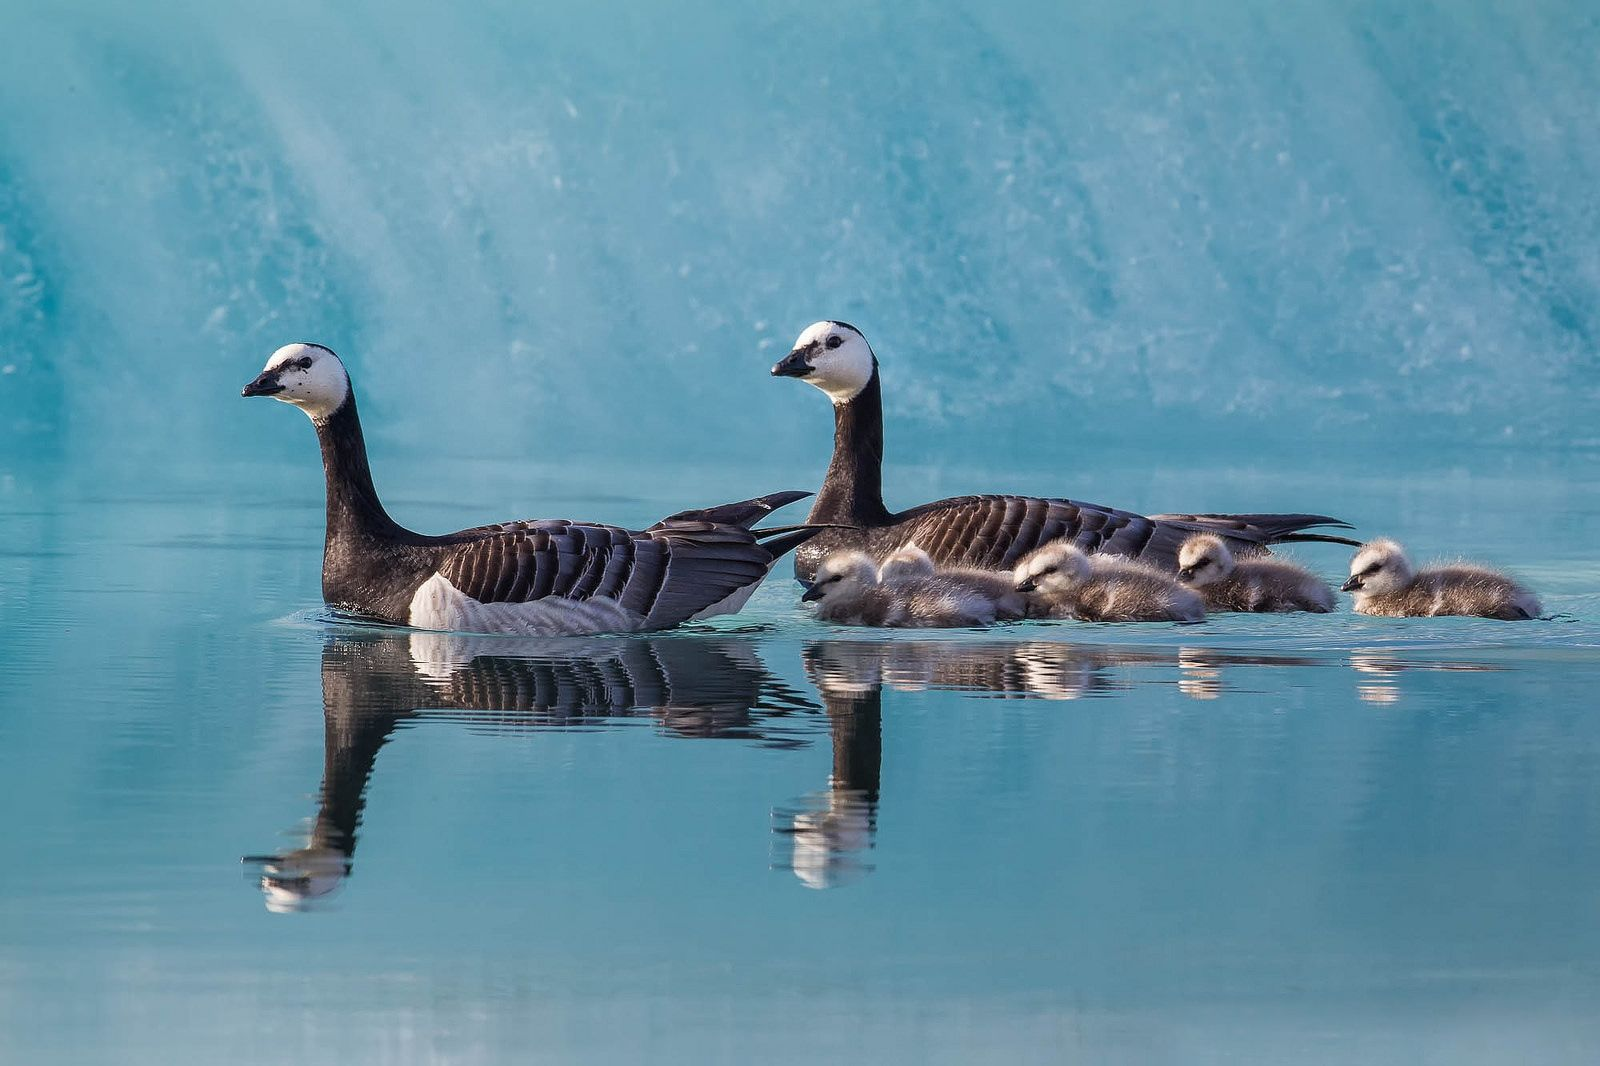 Familia de patos nadando - 1600x1066